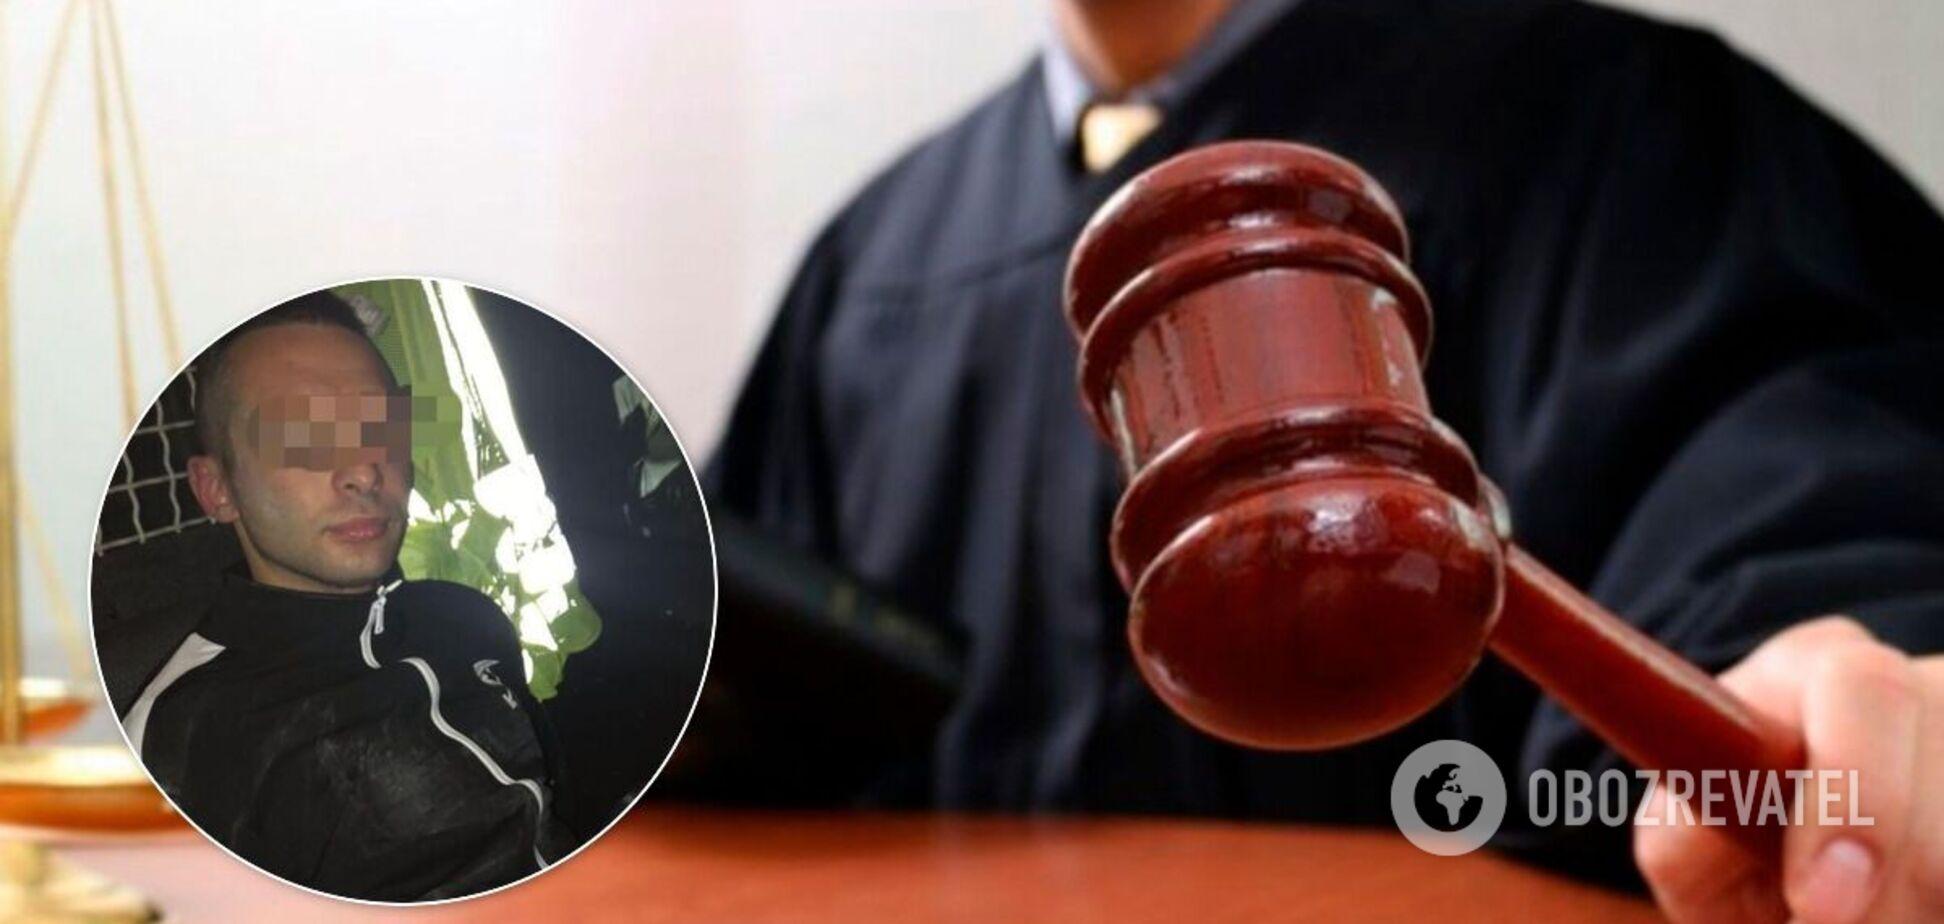 Суд обрав запобіжний захід для підозрюваного у викраденні дівчинки під Києвом